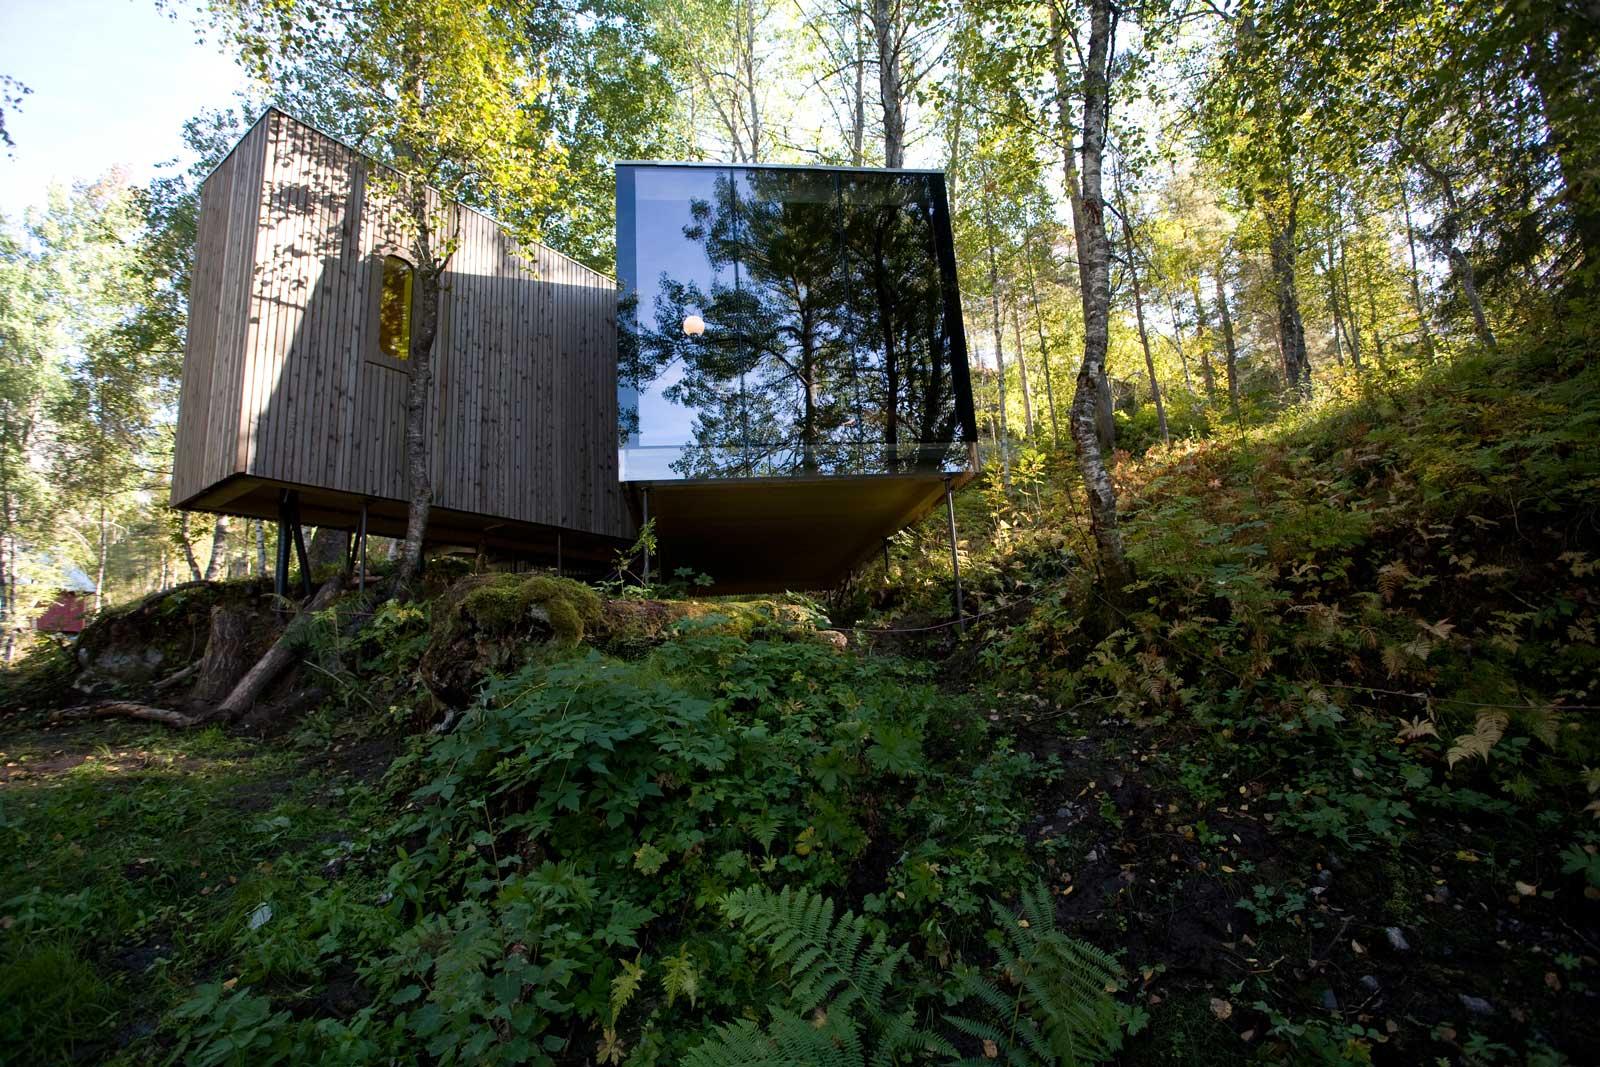 Et svært spesiellt hotell (foto: Juvet Landskapshotell)